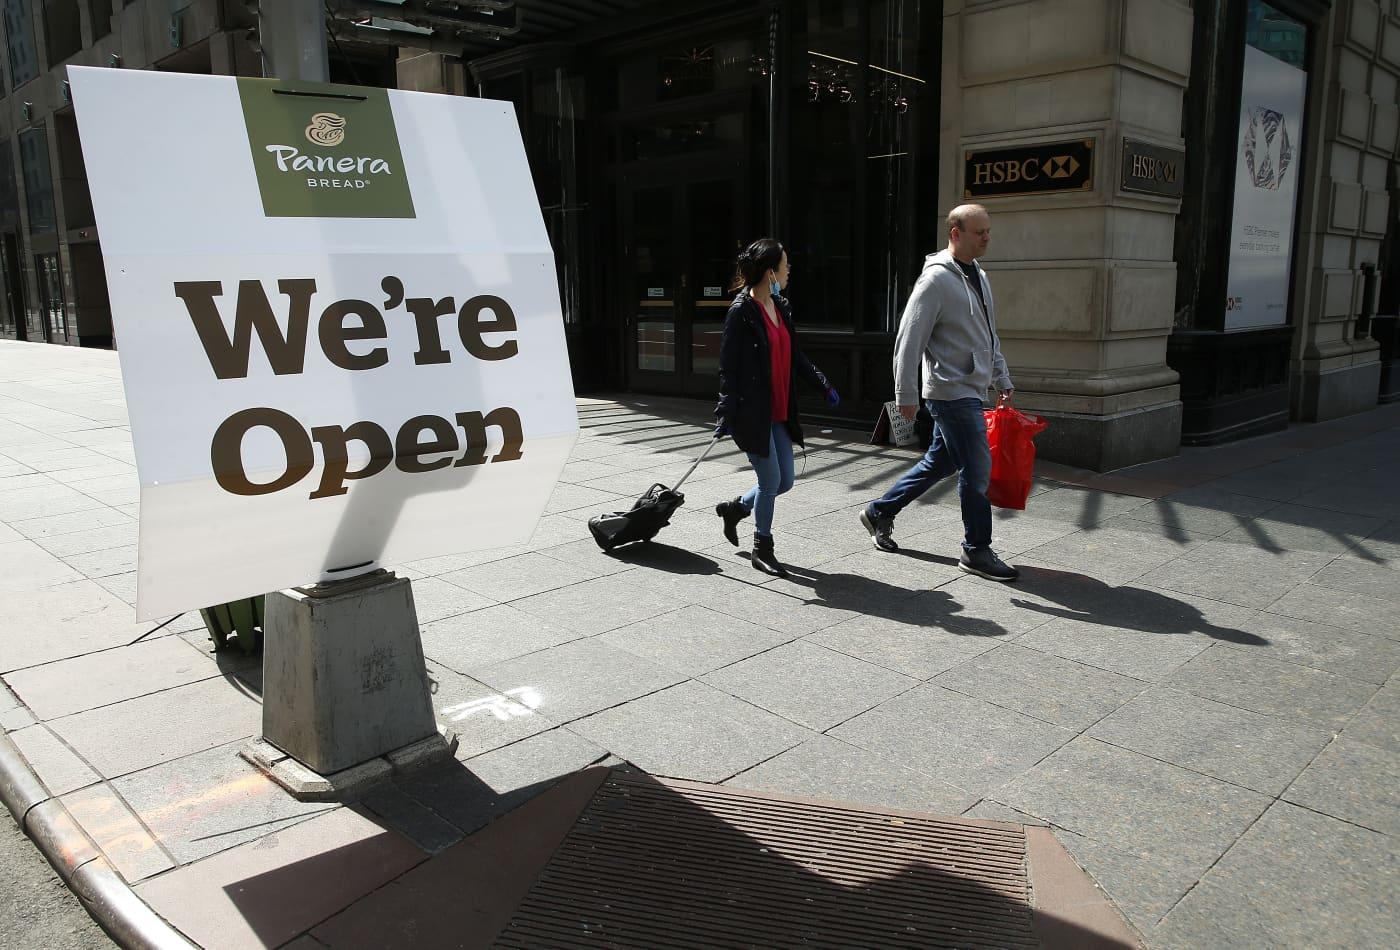 Panera Bread is selling groceries as restaurant sales plummet